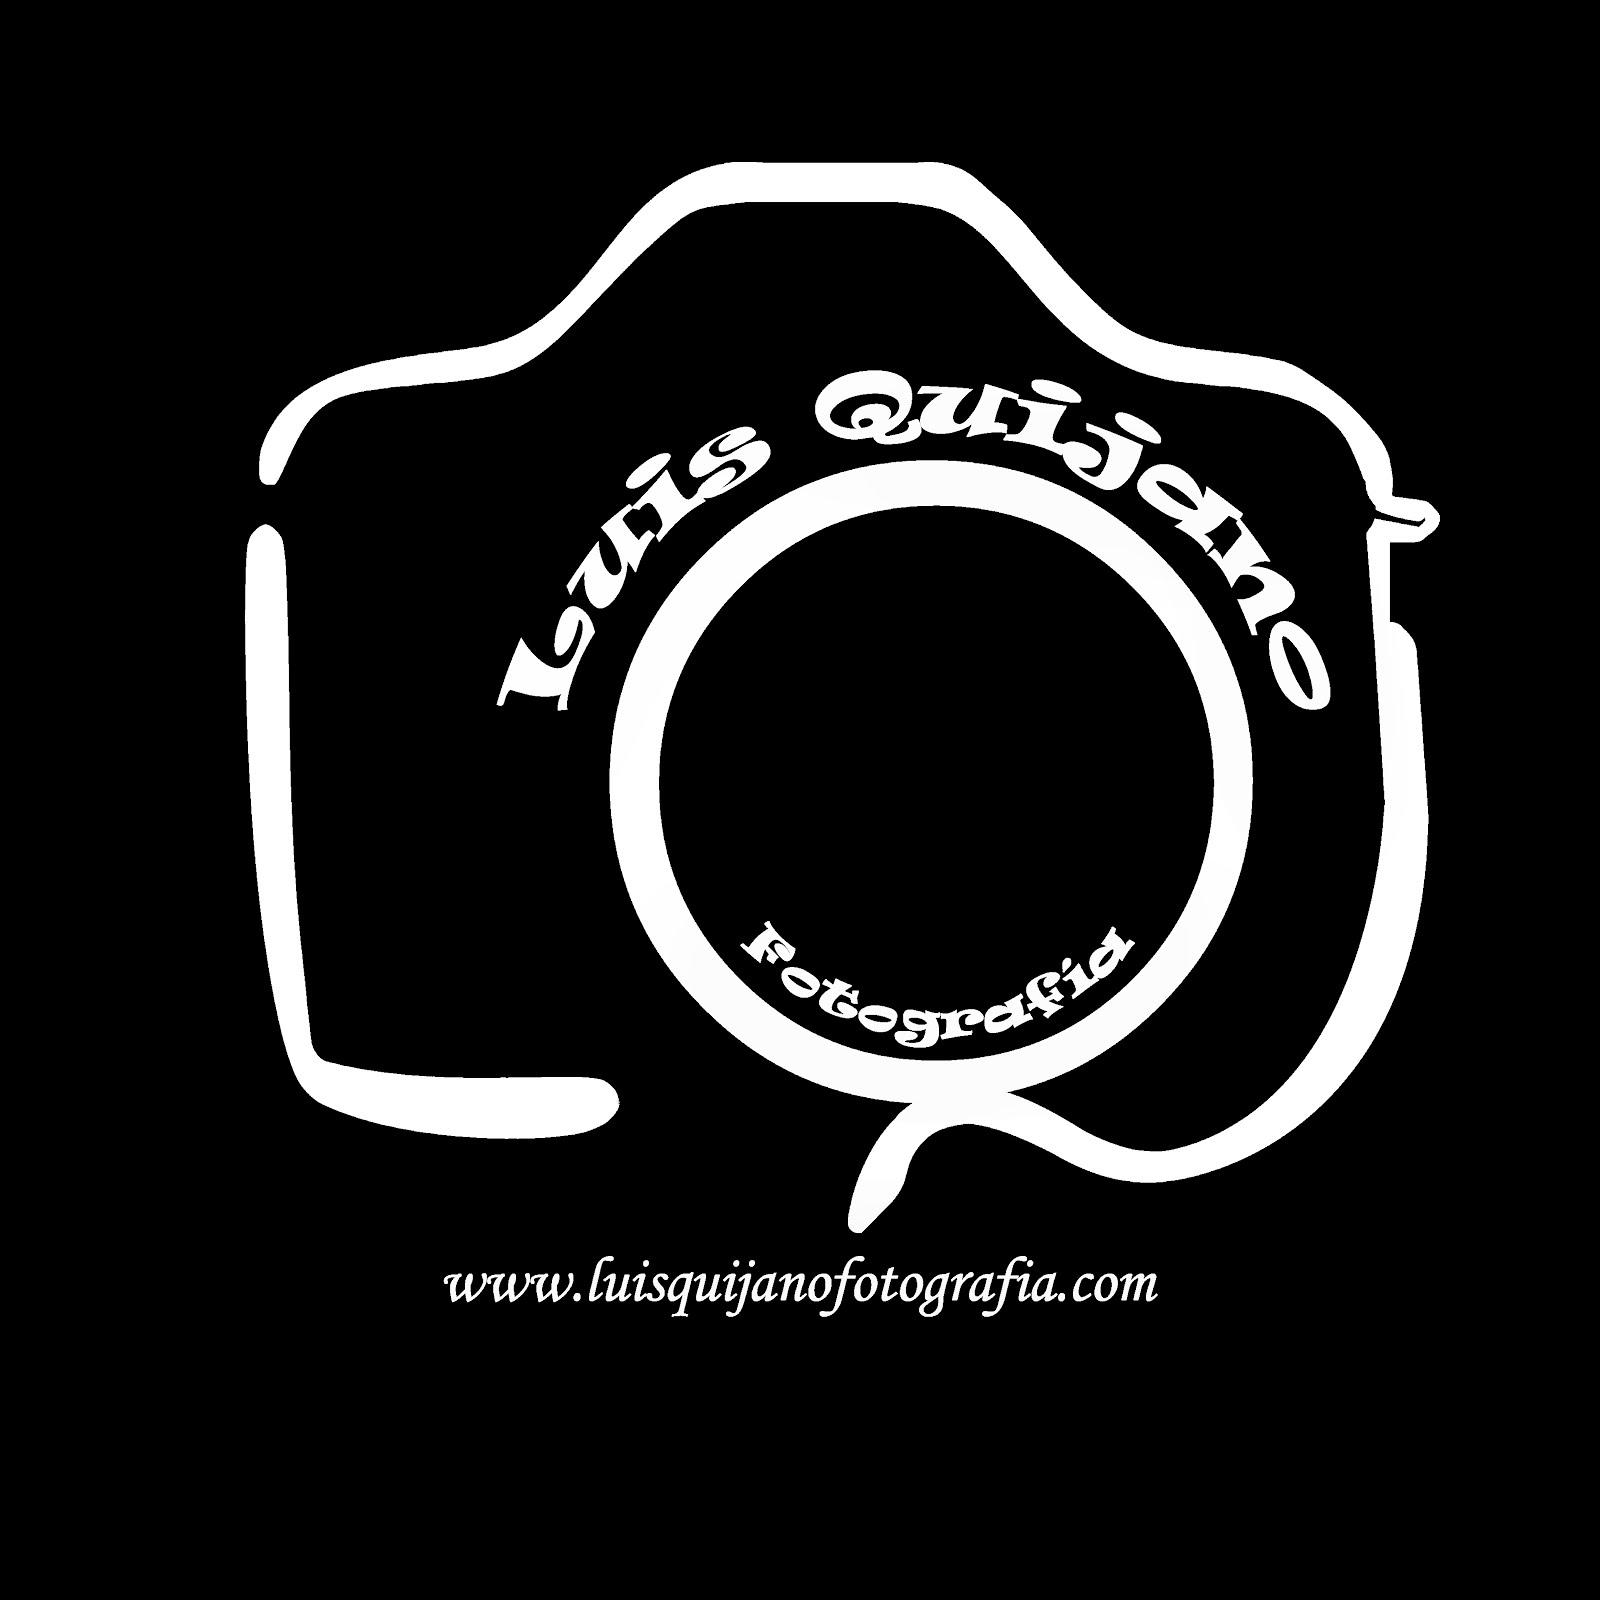 Luis Quijano Fotografía